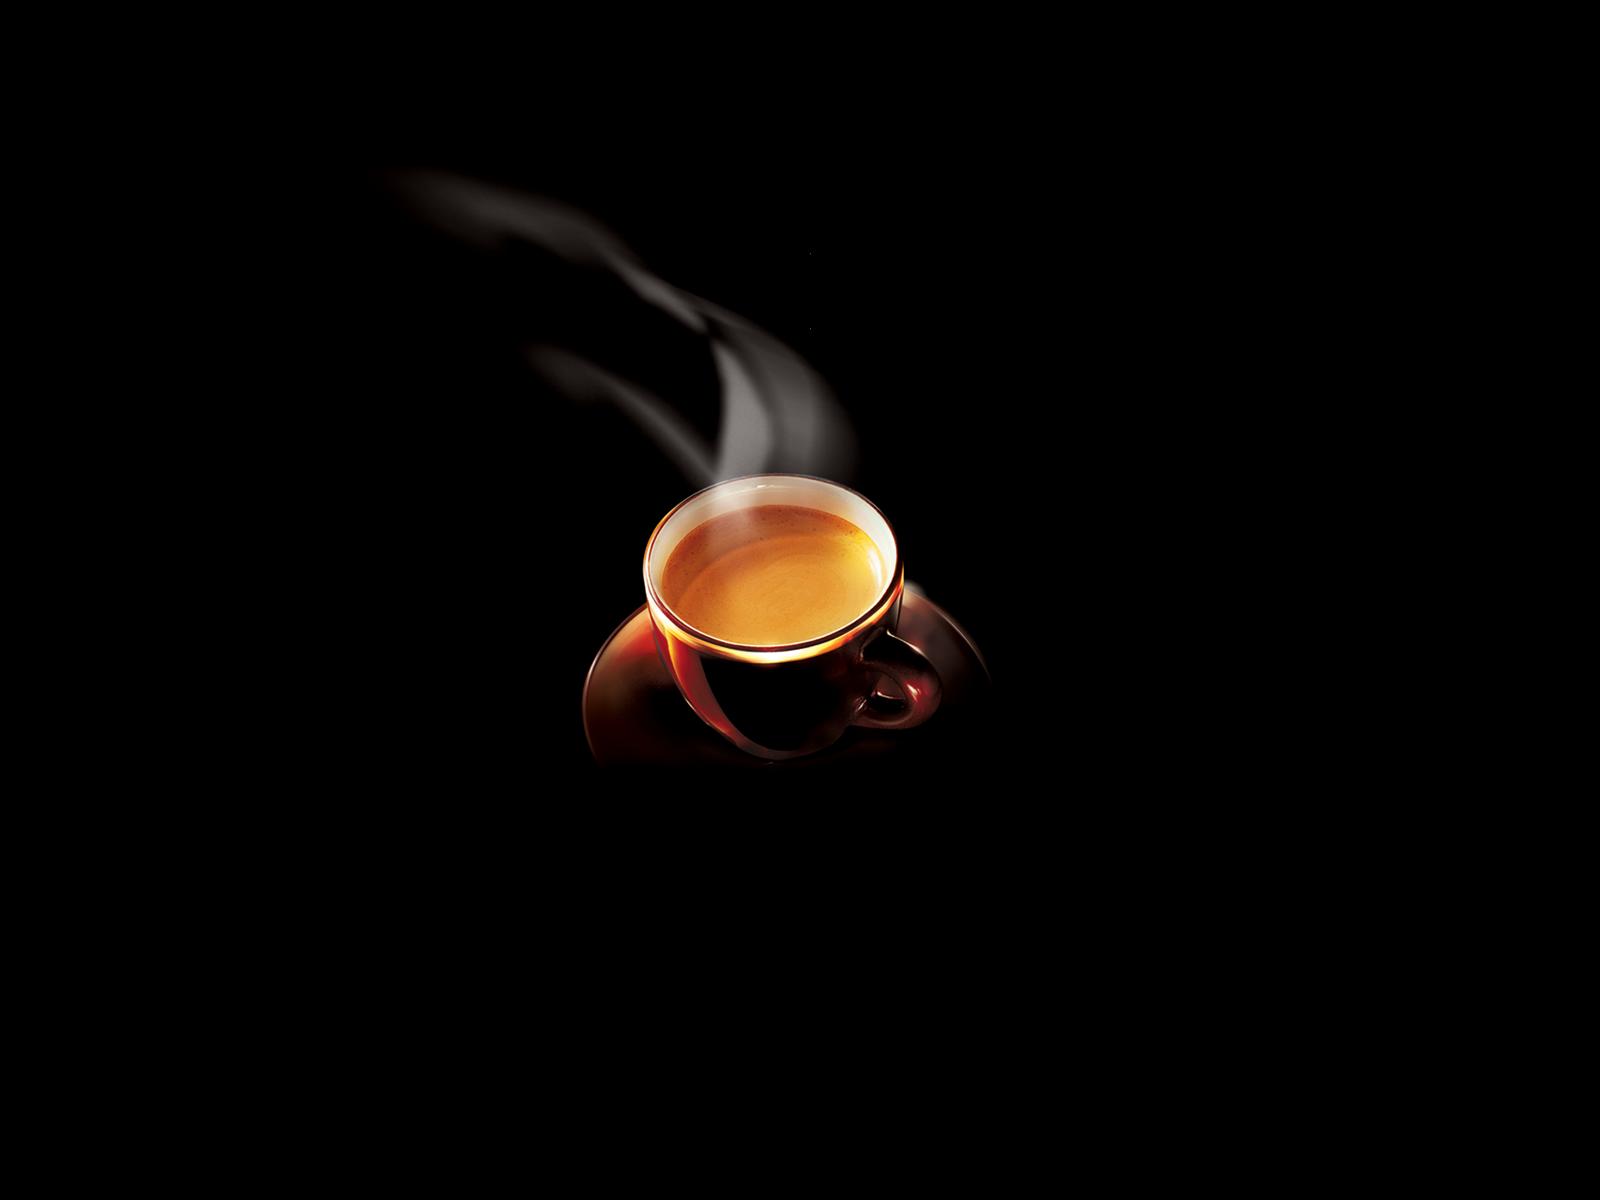 чашка кофе на черном фоне, скачать фото, обои на рабочий стол, горячий кофе со сливками